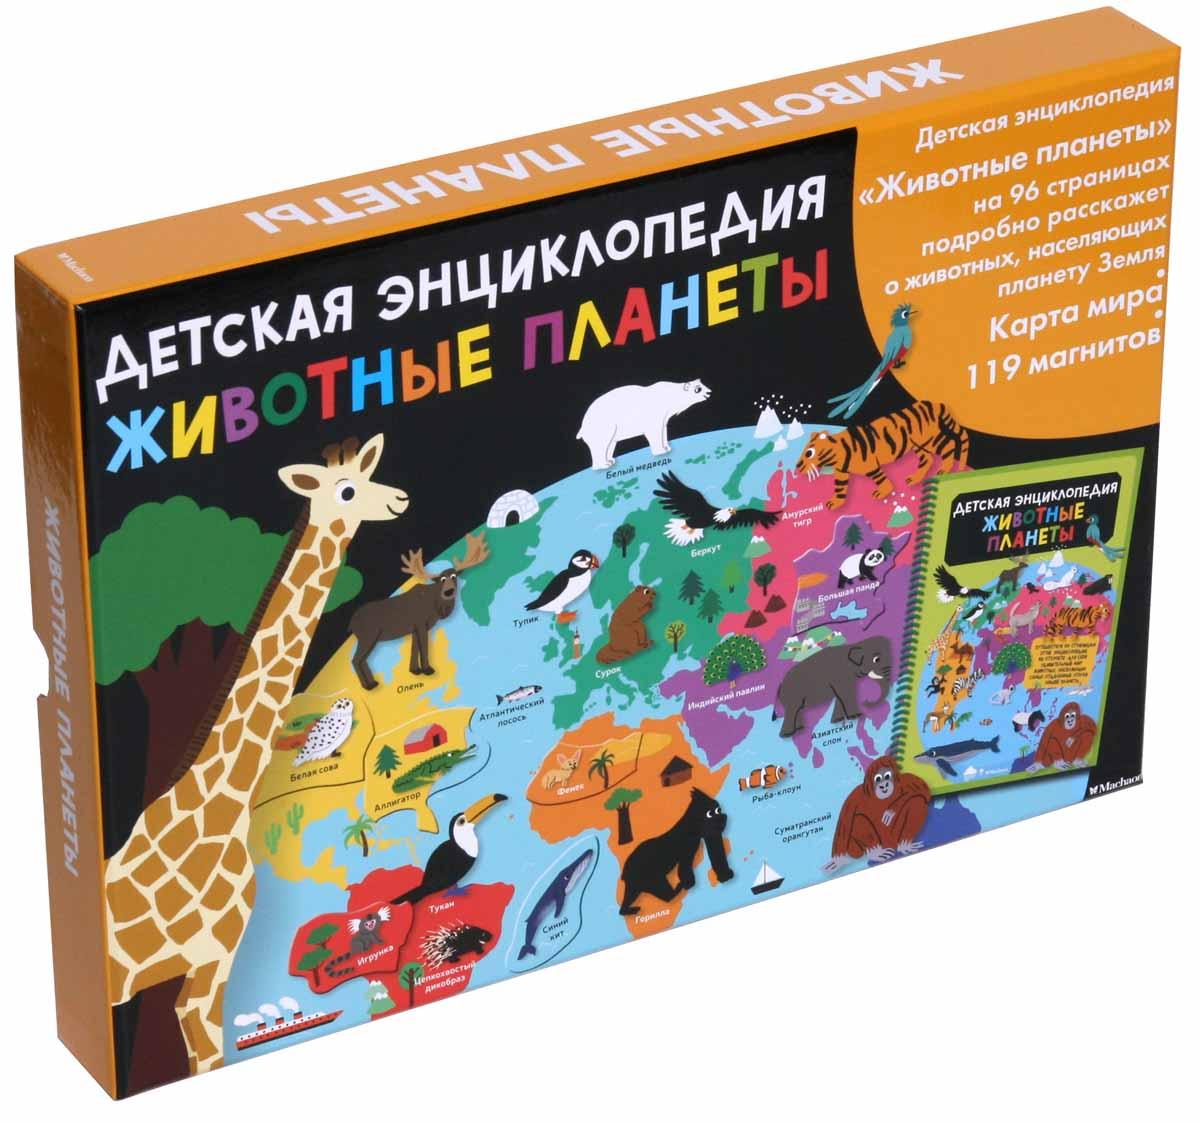 Ж. Бийу Животные планеты. Интерактивная детская энциклопедия с магнитами